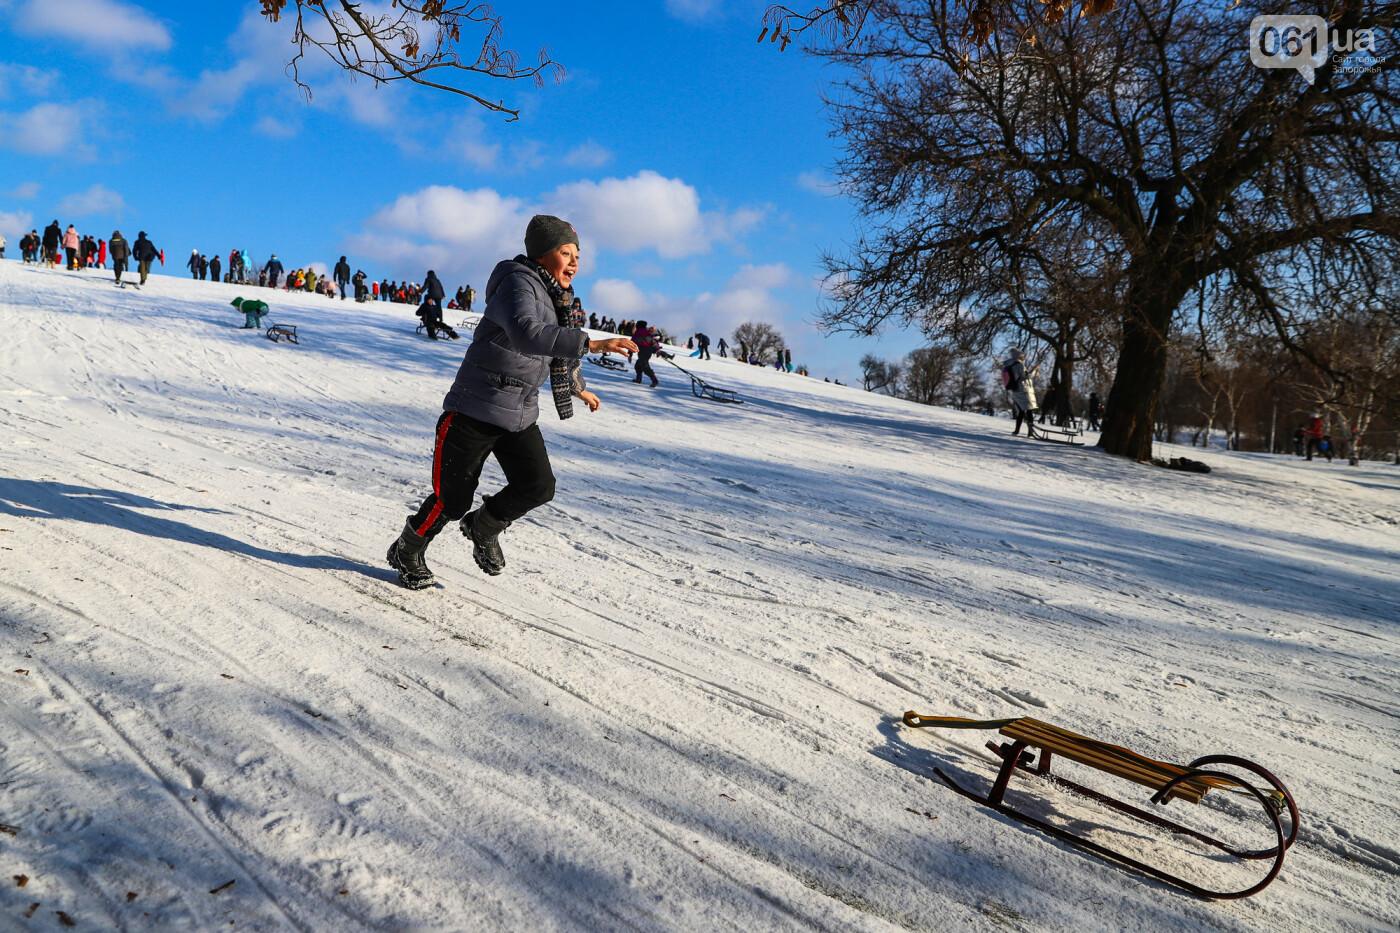 На санках, лыжах и сноуборде: запорожцы устроили массовое катание с горок в Вознесеновском парке, - ФОТОРЕПОРТАЖ, фото-101